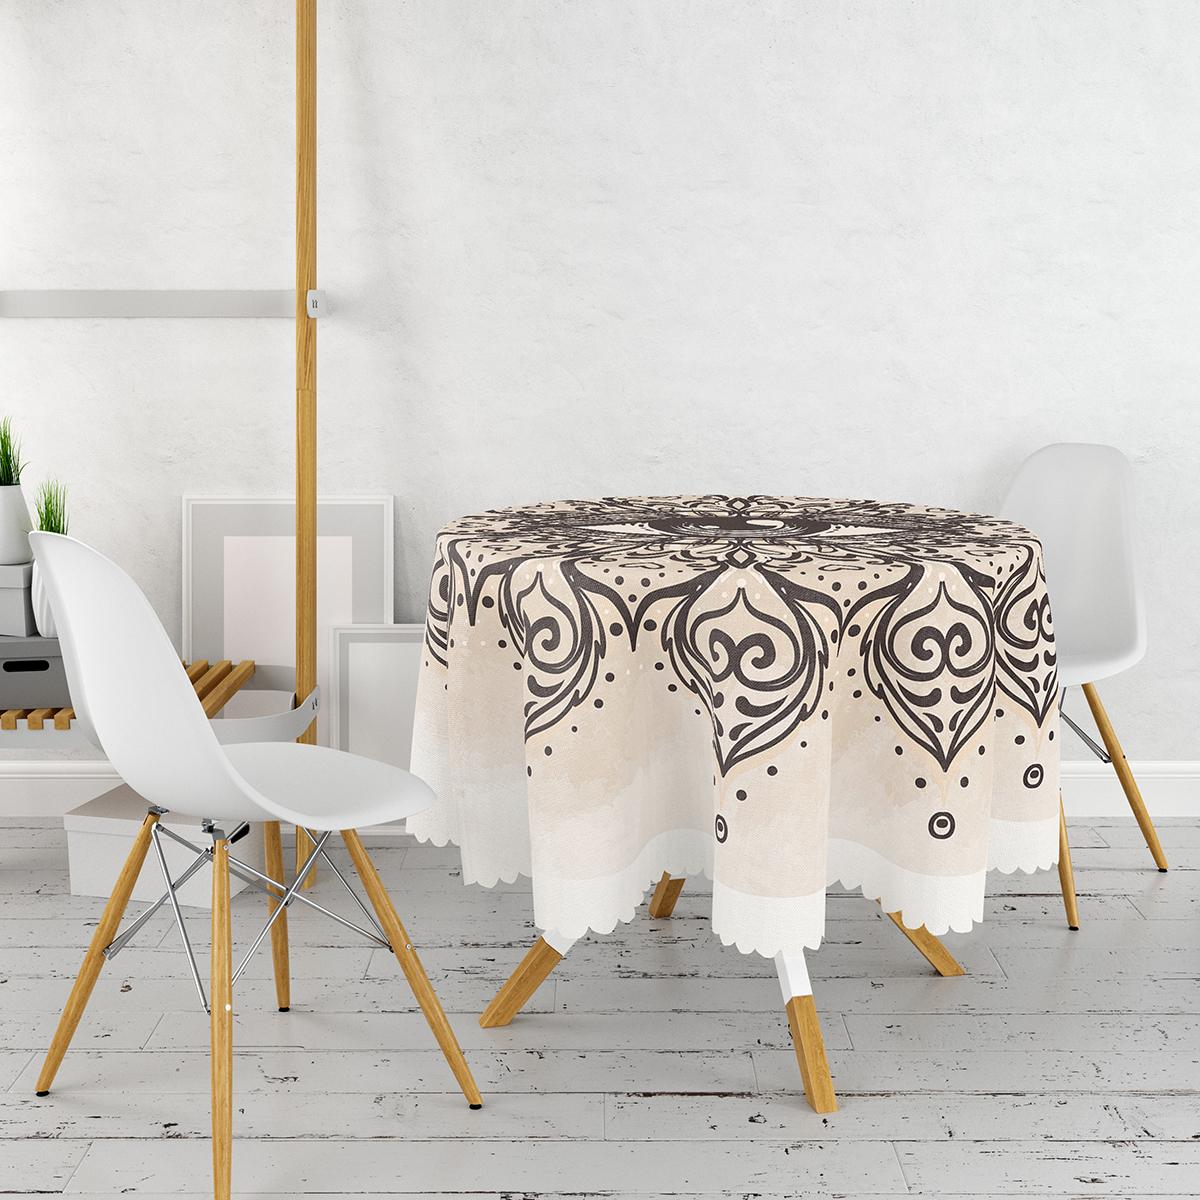 Özel Tasarım Çiçek Üçüncü Göz Motifli Yuvarlak Masa Örtüsü - Çap 140cm Realhomes